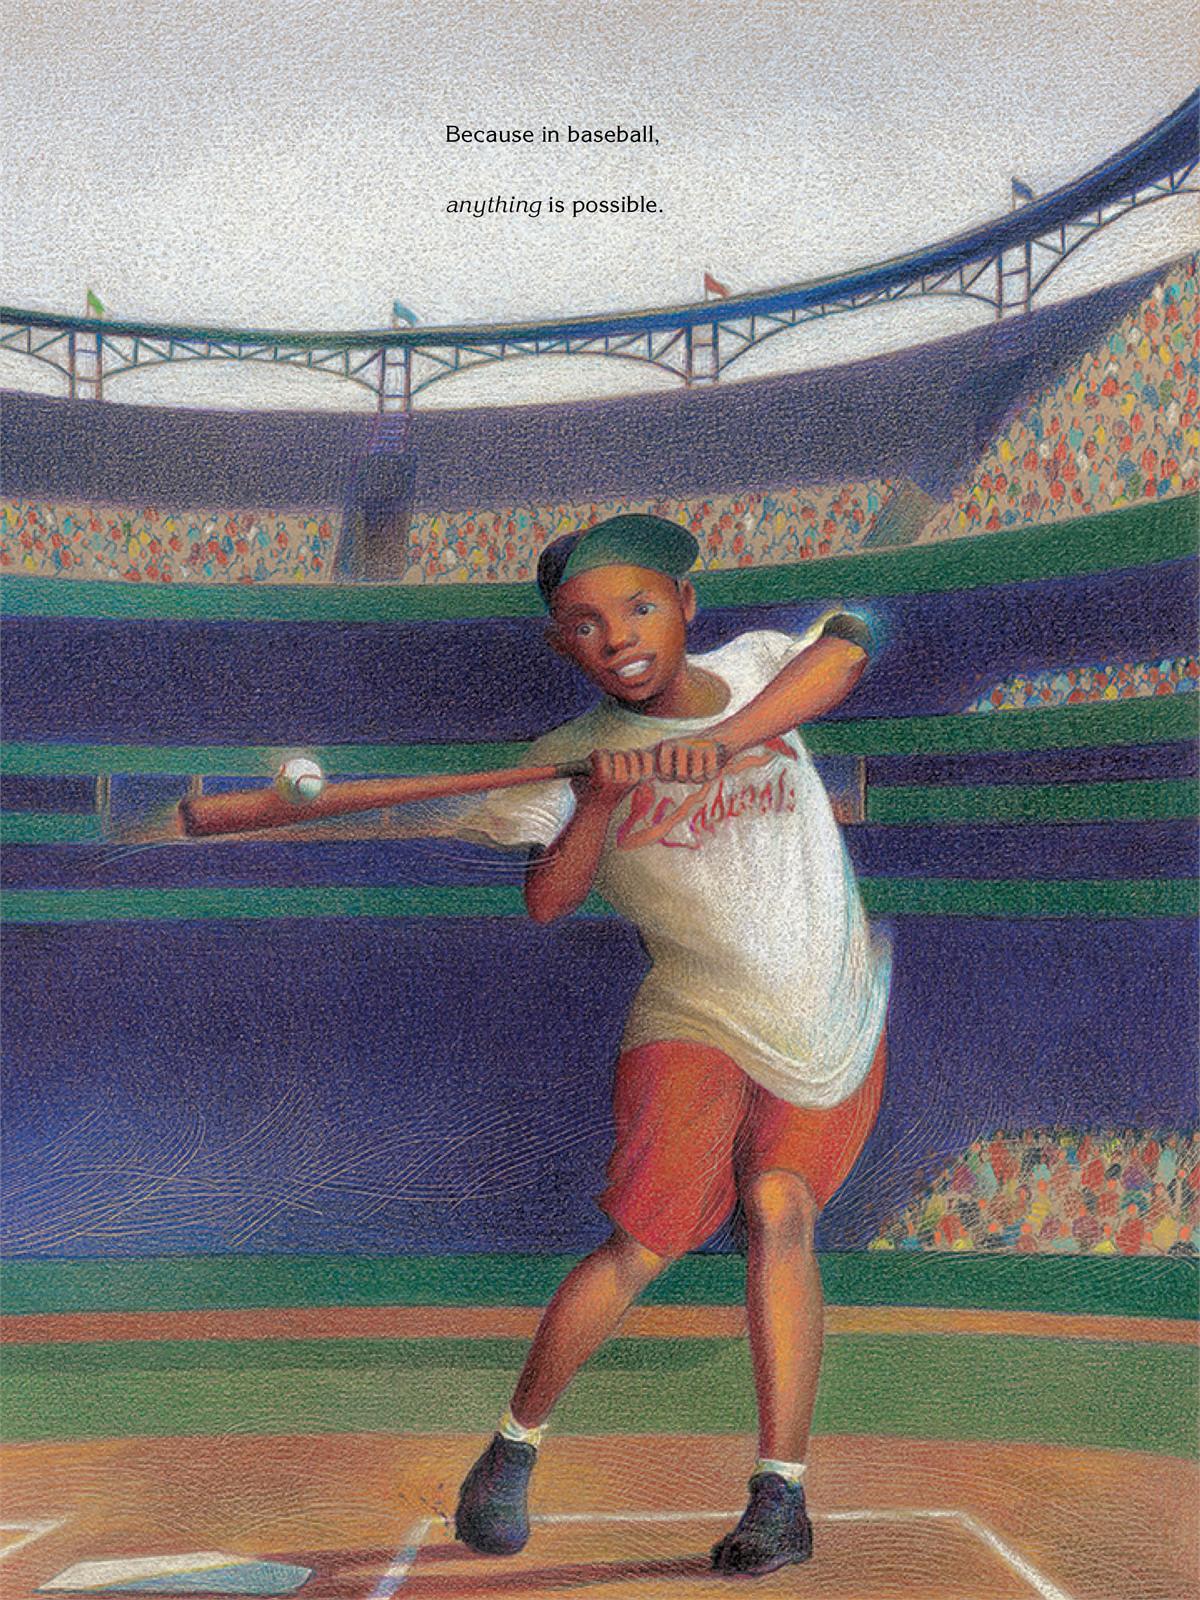 Baseball is 9781416955023.in05